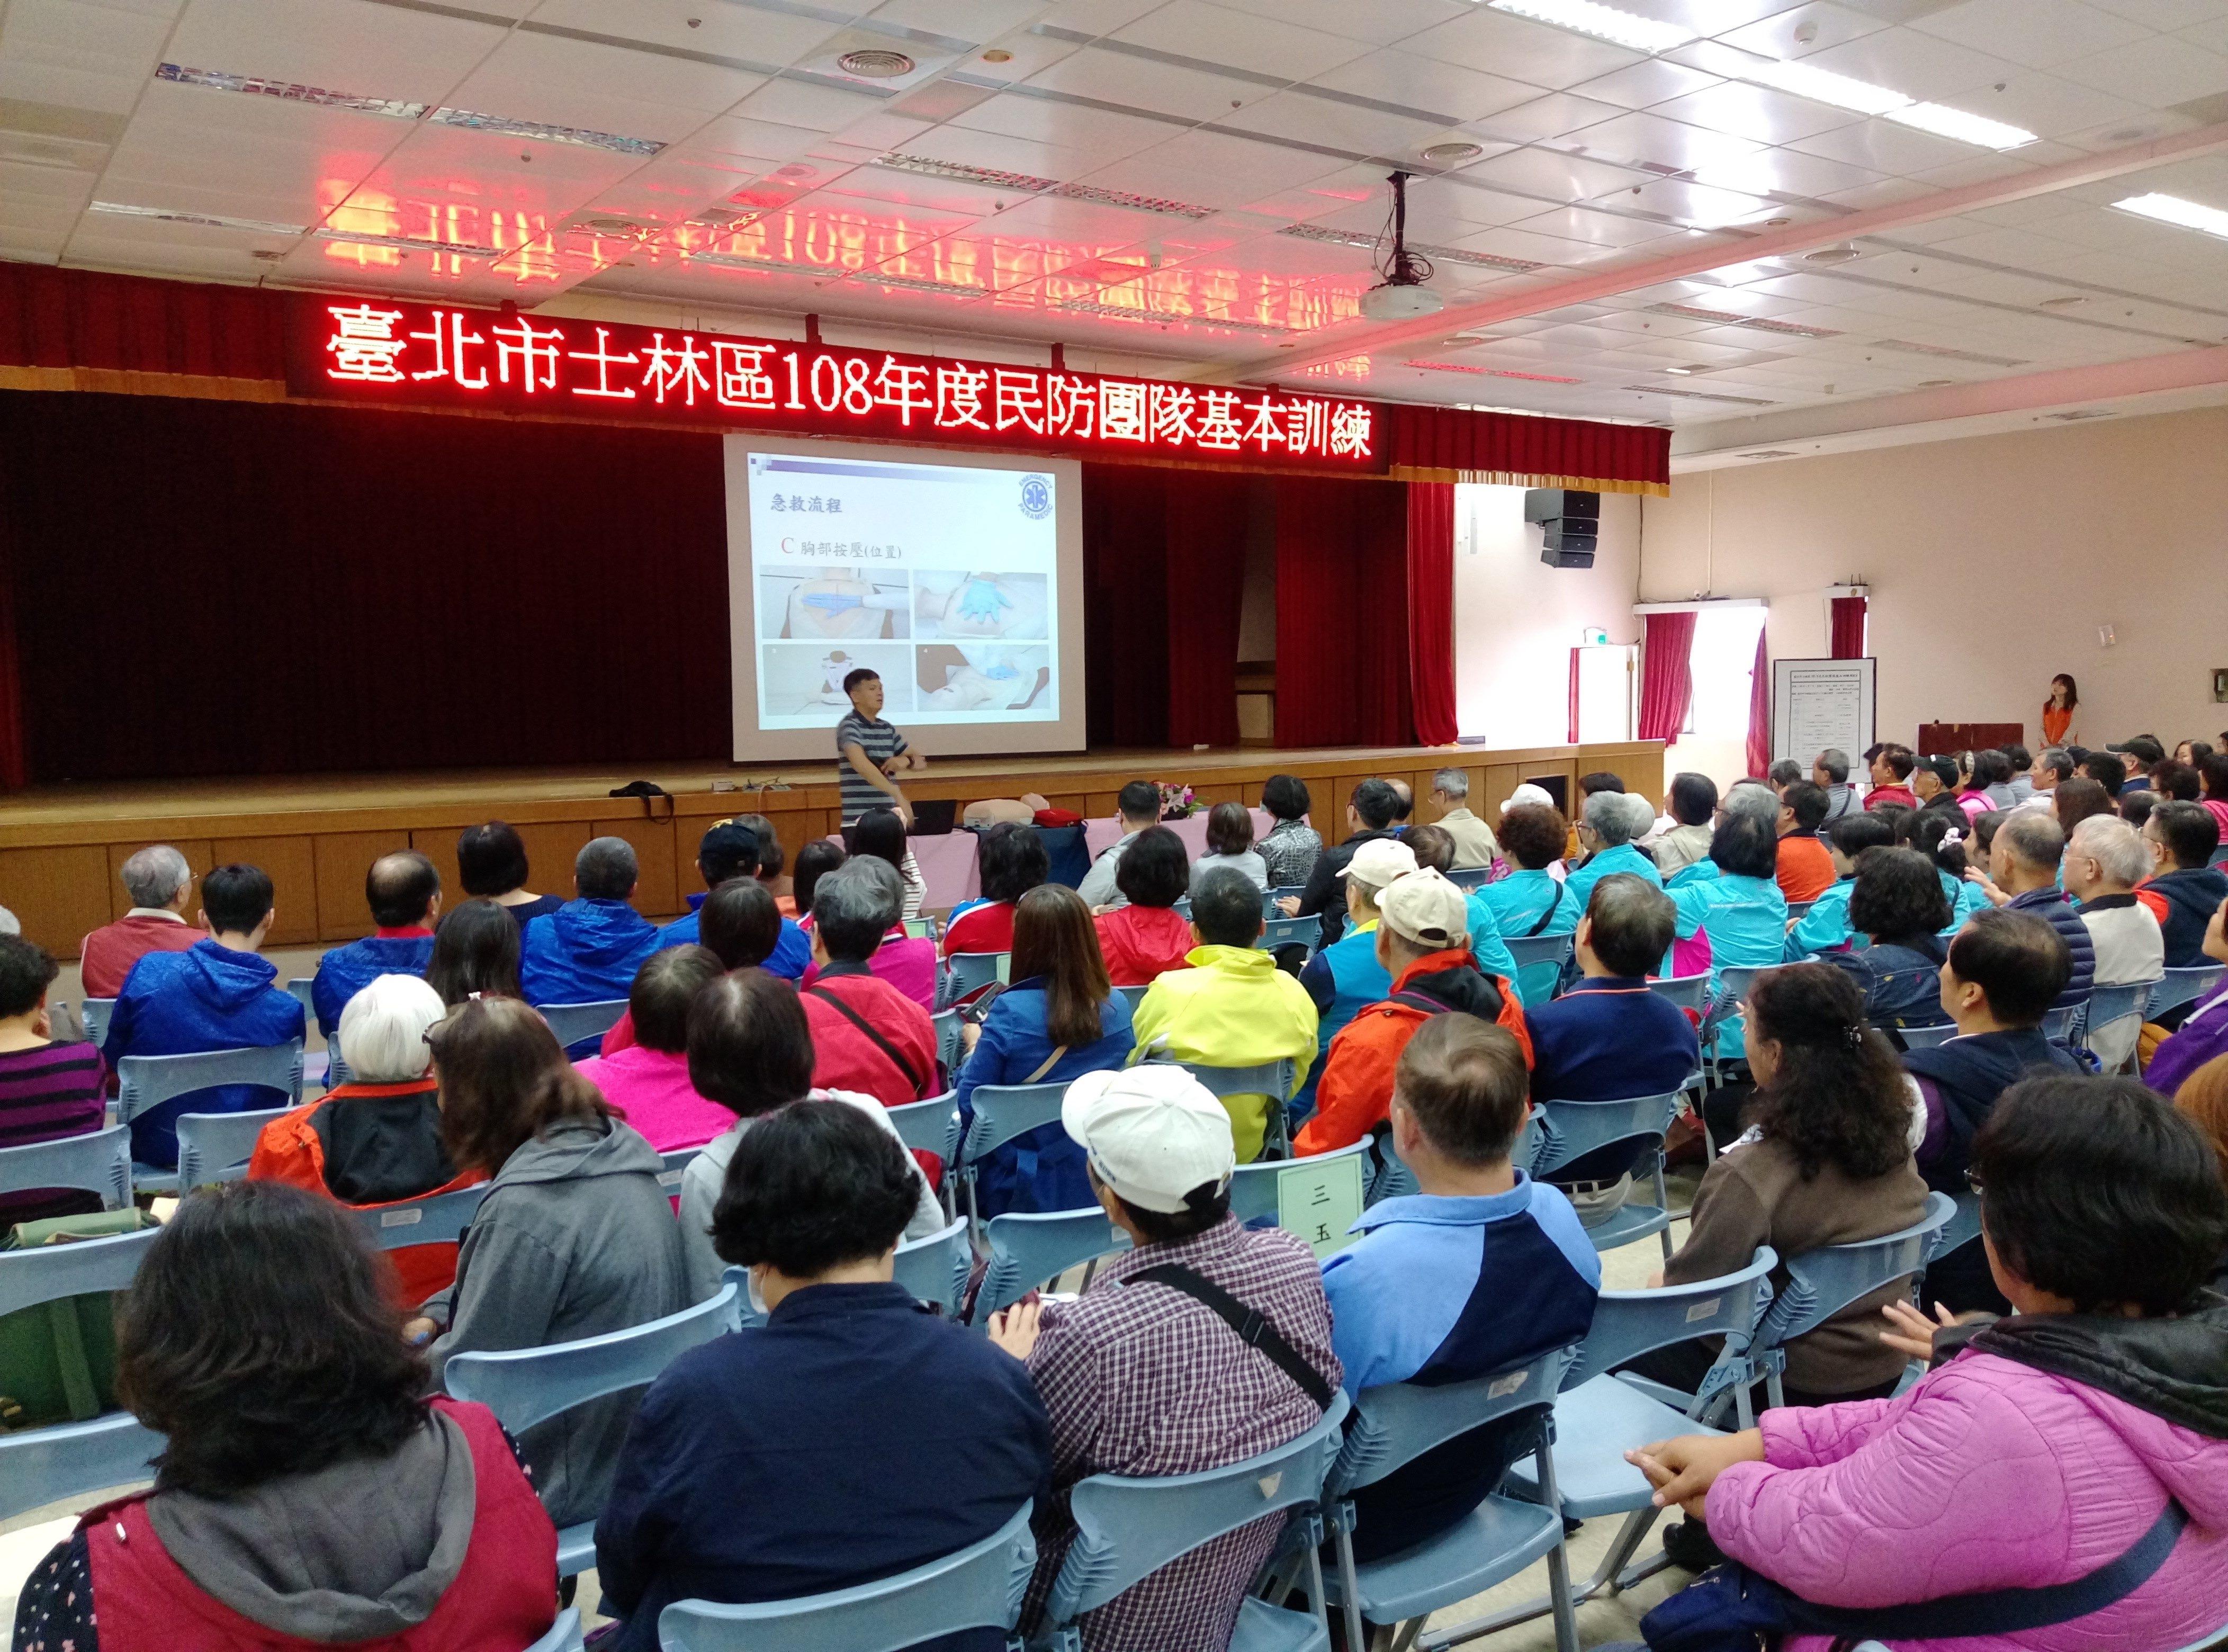 賴志魁教官講授「緊急救護常識及AED訓練」,課程以電化教學、實務操作方式互動。